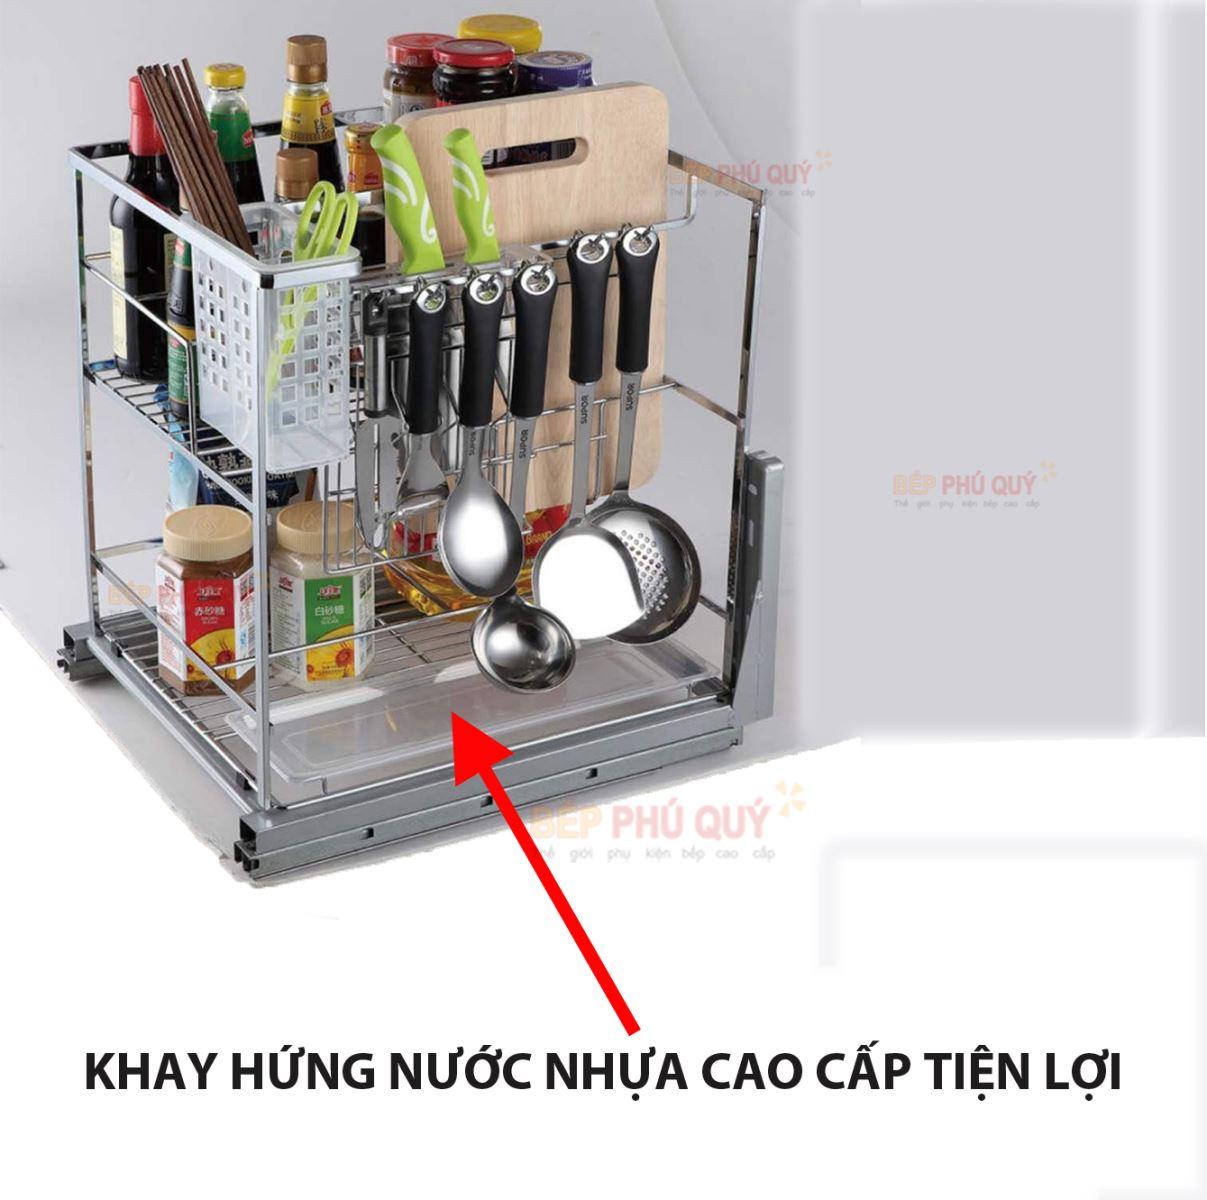 khay hứng nước giá gia vị dao thớt đa năng inox 304 thương hiệu luxury